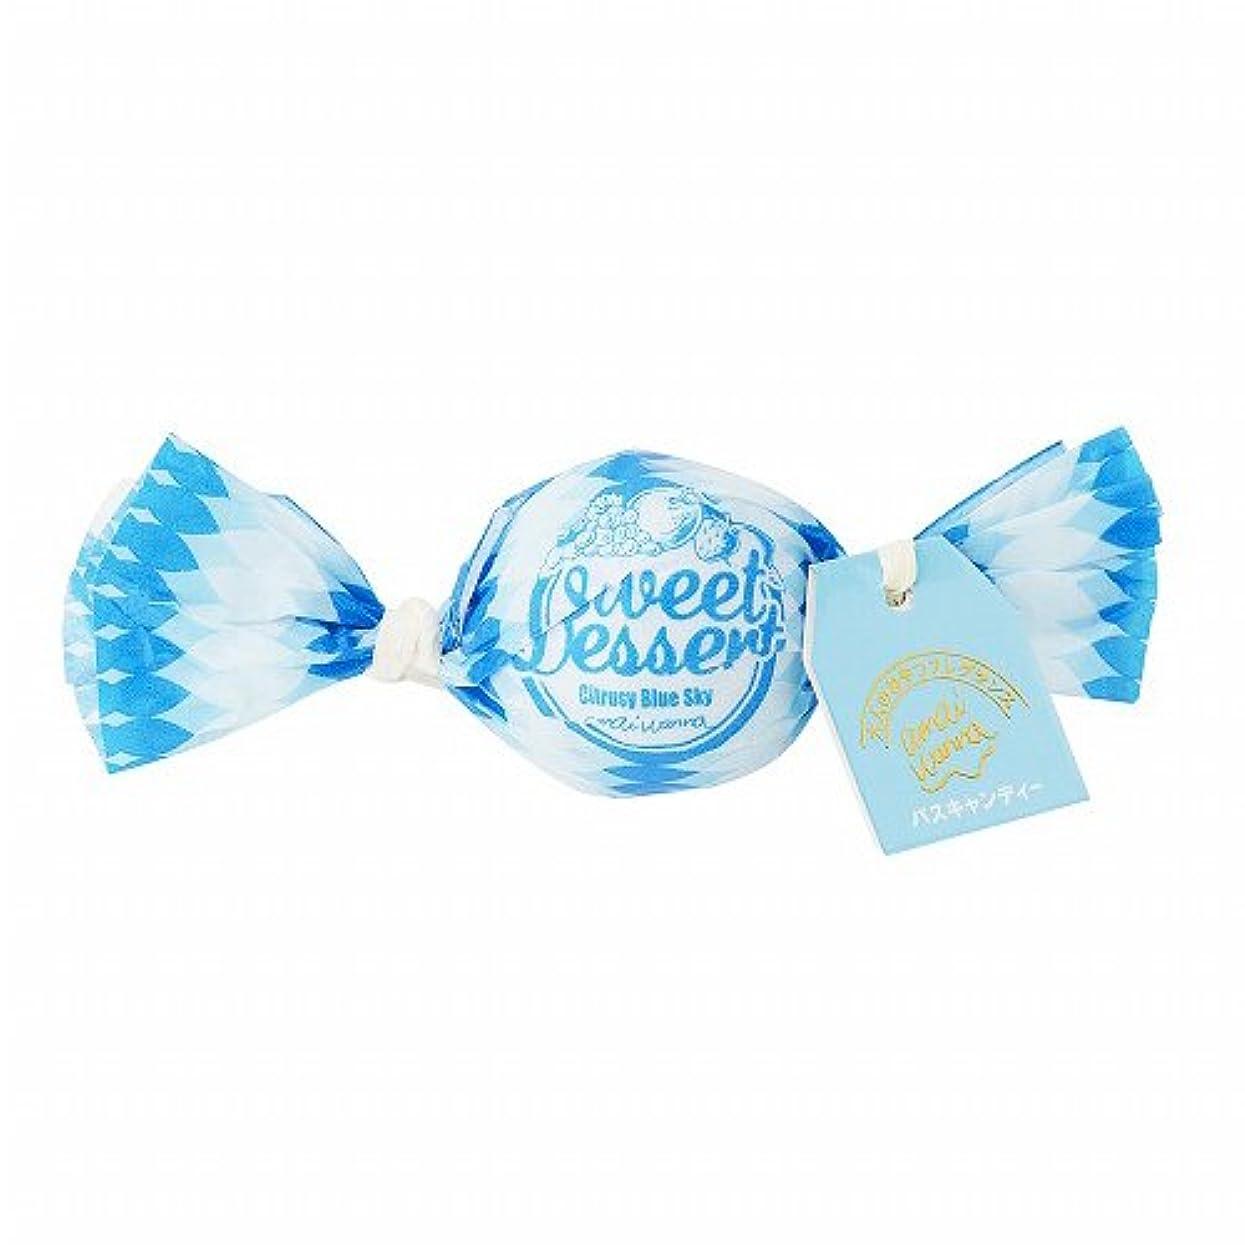 クリーナー意気込みプログラムアマイワナバスキャンディー青空シトラス